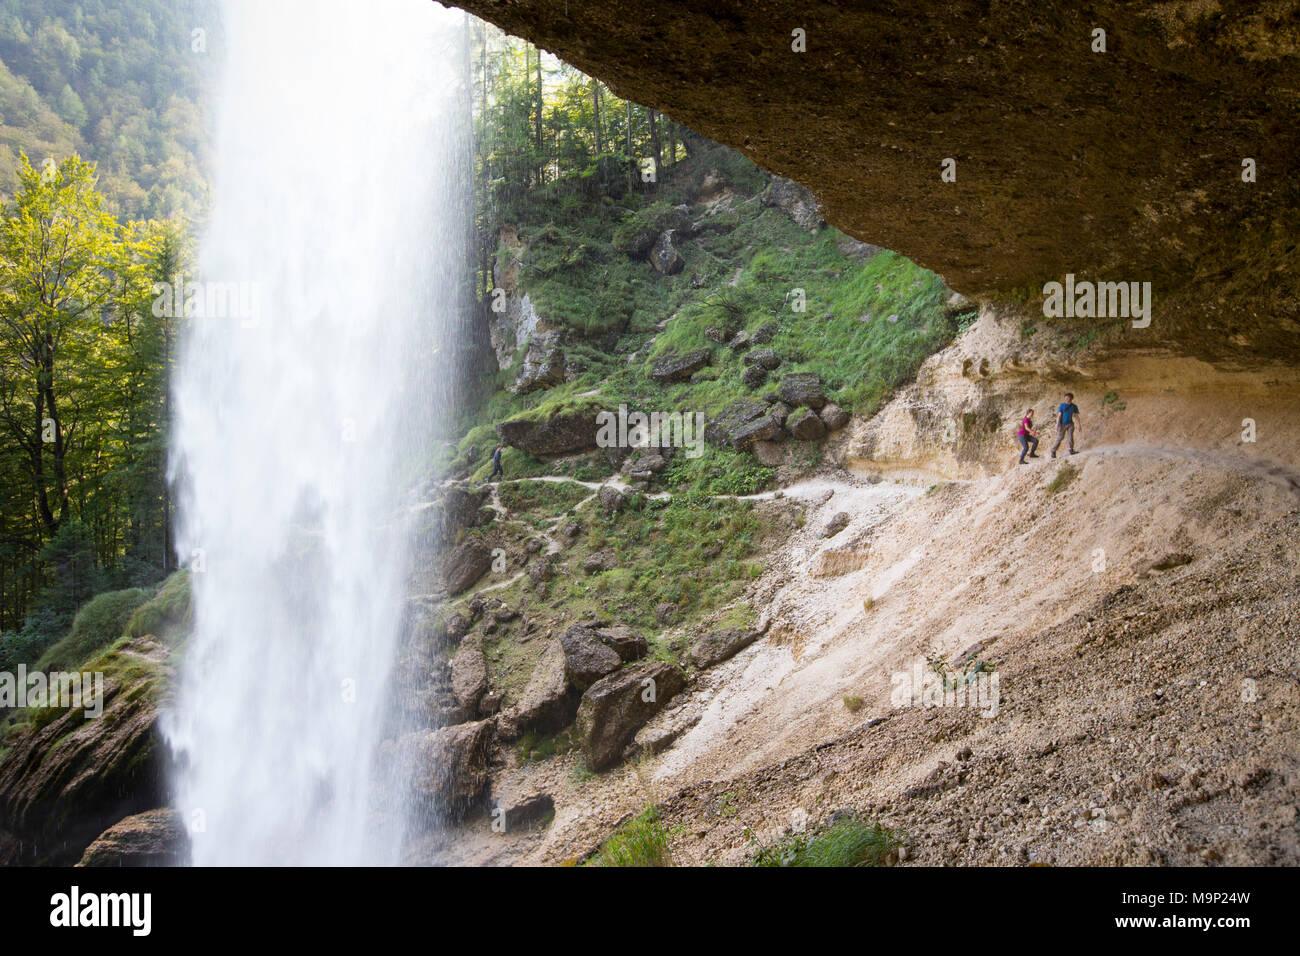 Zwei Menschen laufen über Trail hinter den Wasserfall Pericnik in alpine Vrata Tal in der Nähe von Mojstrana im Triglav Nationalpark, Slowenien Stockbild